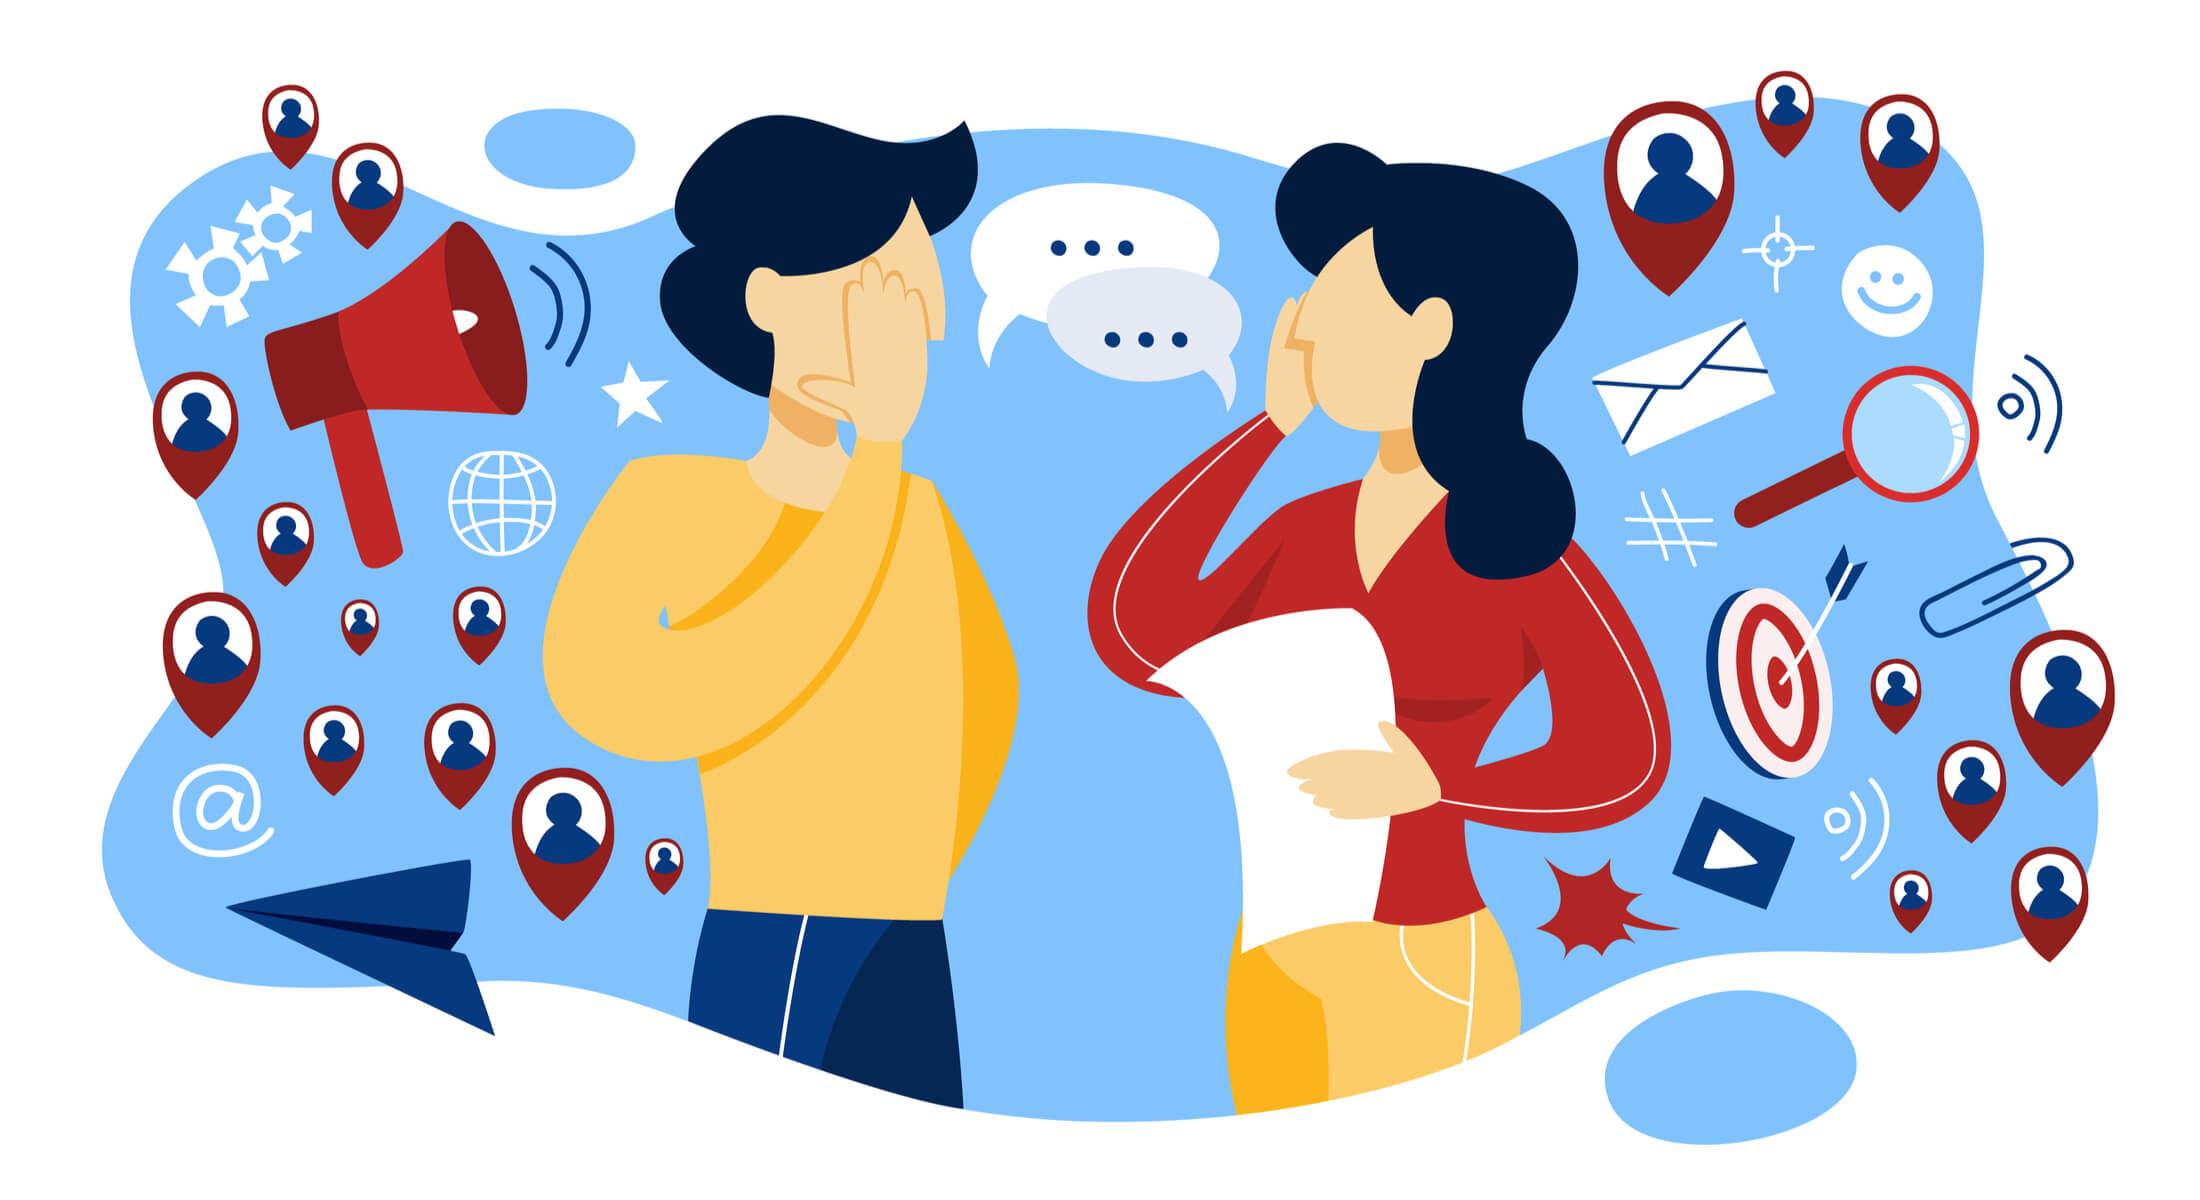 ilustração sobre marketing boca a boca